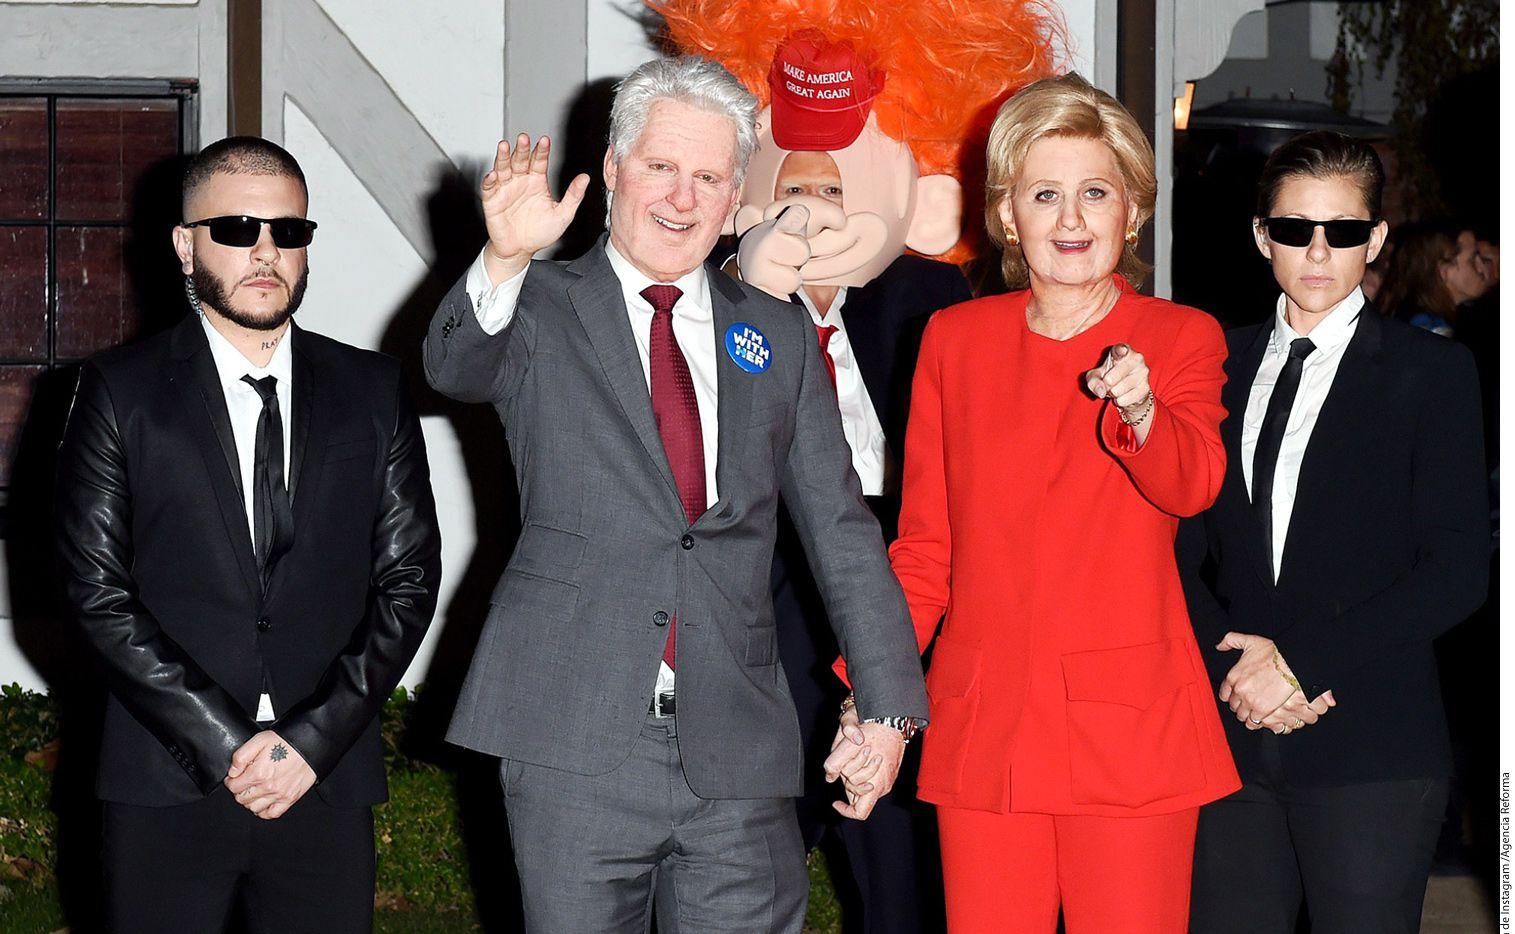 Katy Perry (de rojo) y Orlando Bloom (atrás con peluca roja) se disfrazaron como Hillary Clinton y Donald Trump./AGENCIA REFORMA